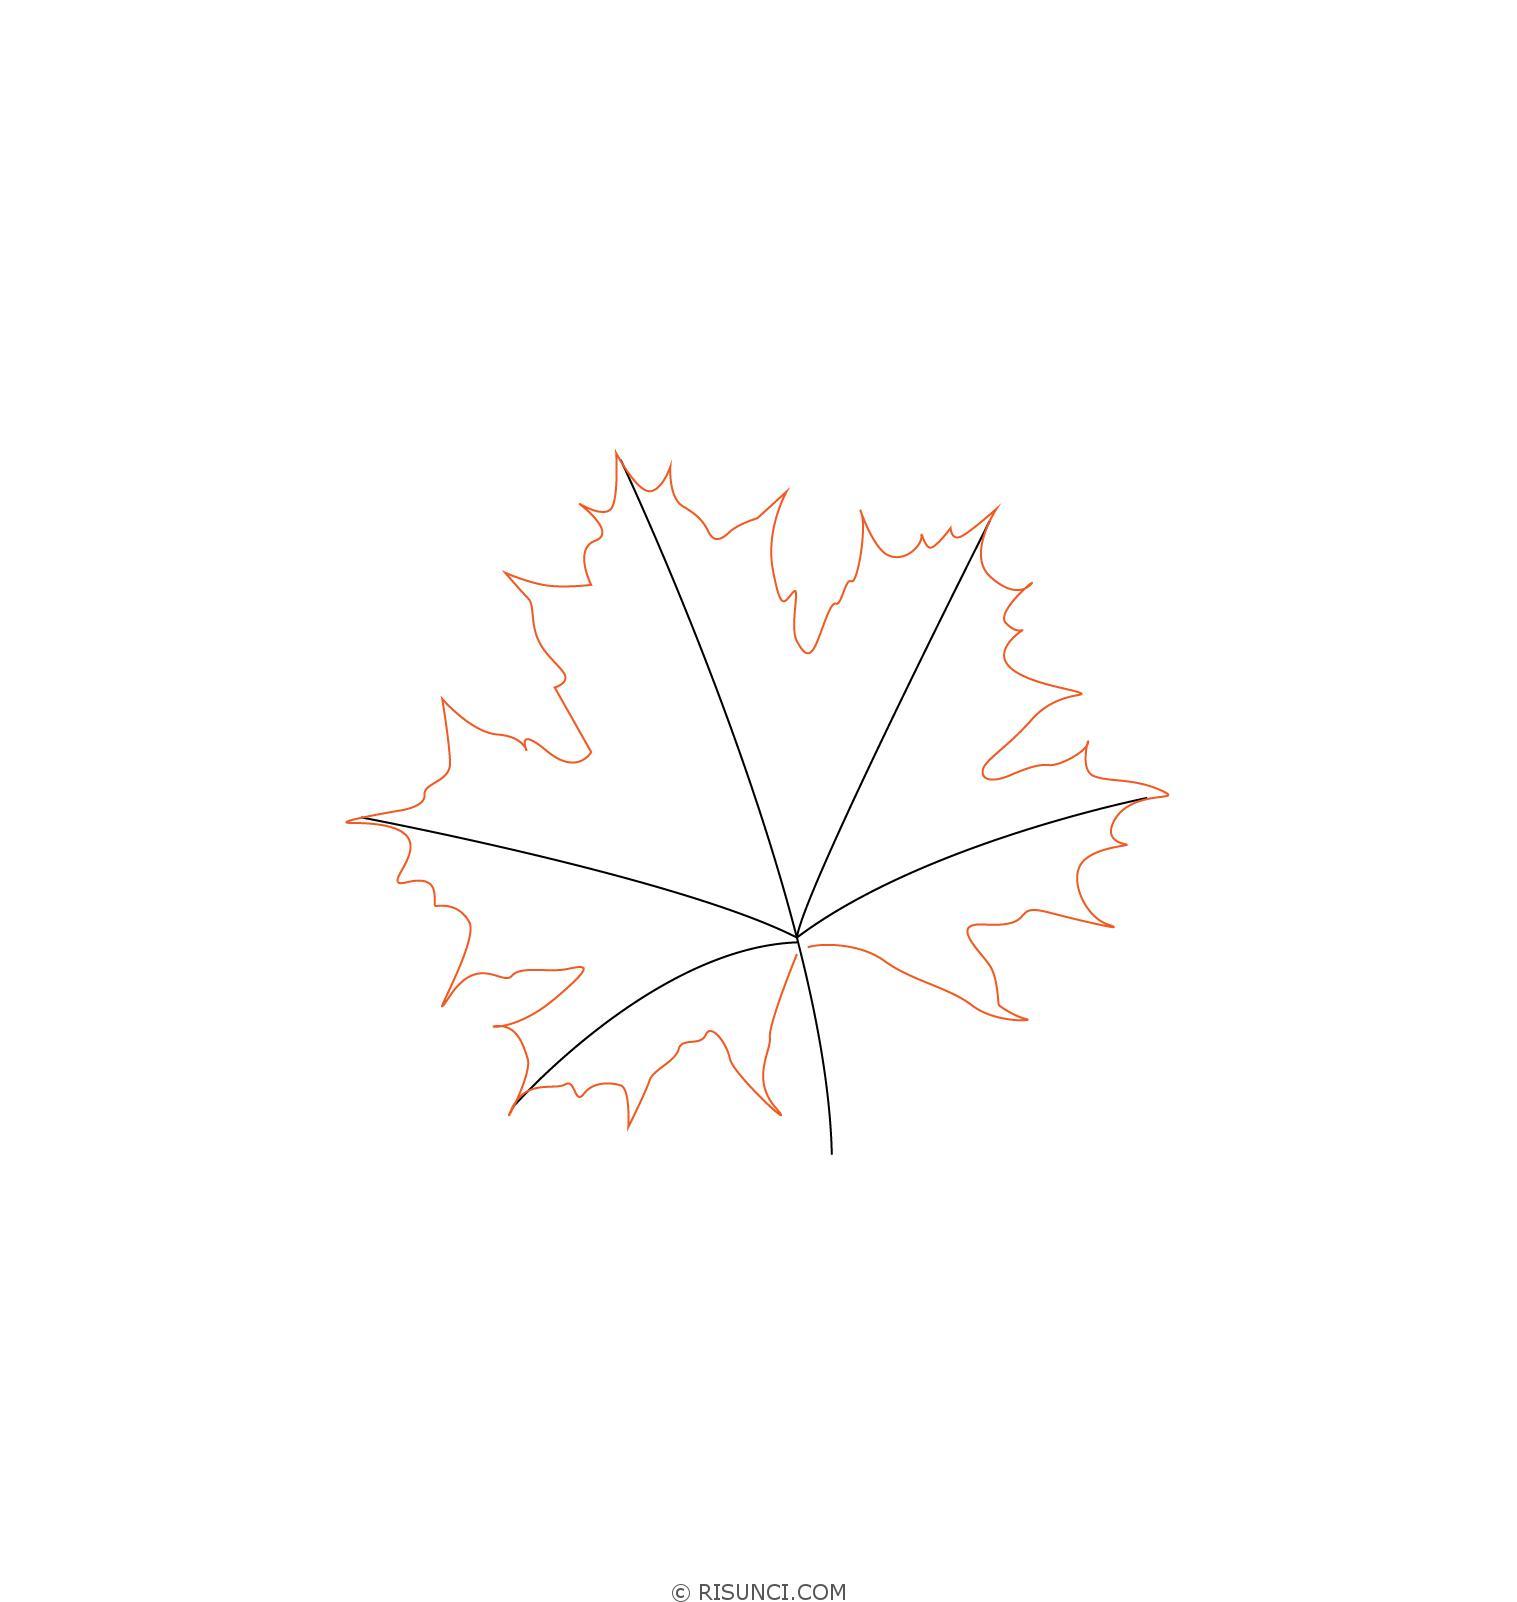 картинки кленовых листьев и как нарисовать